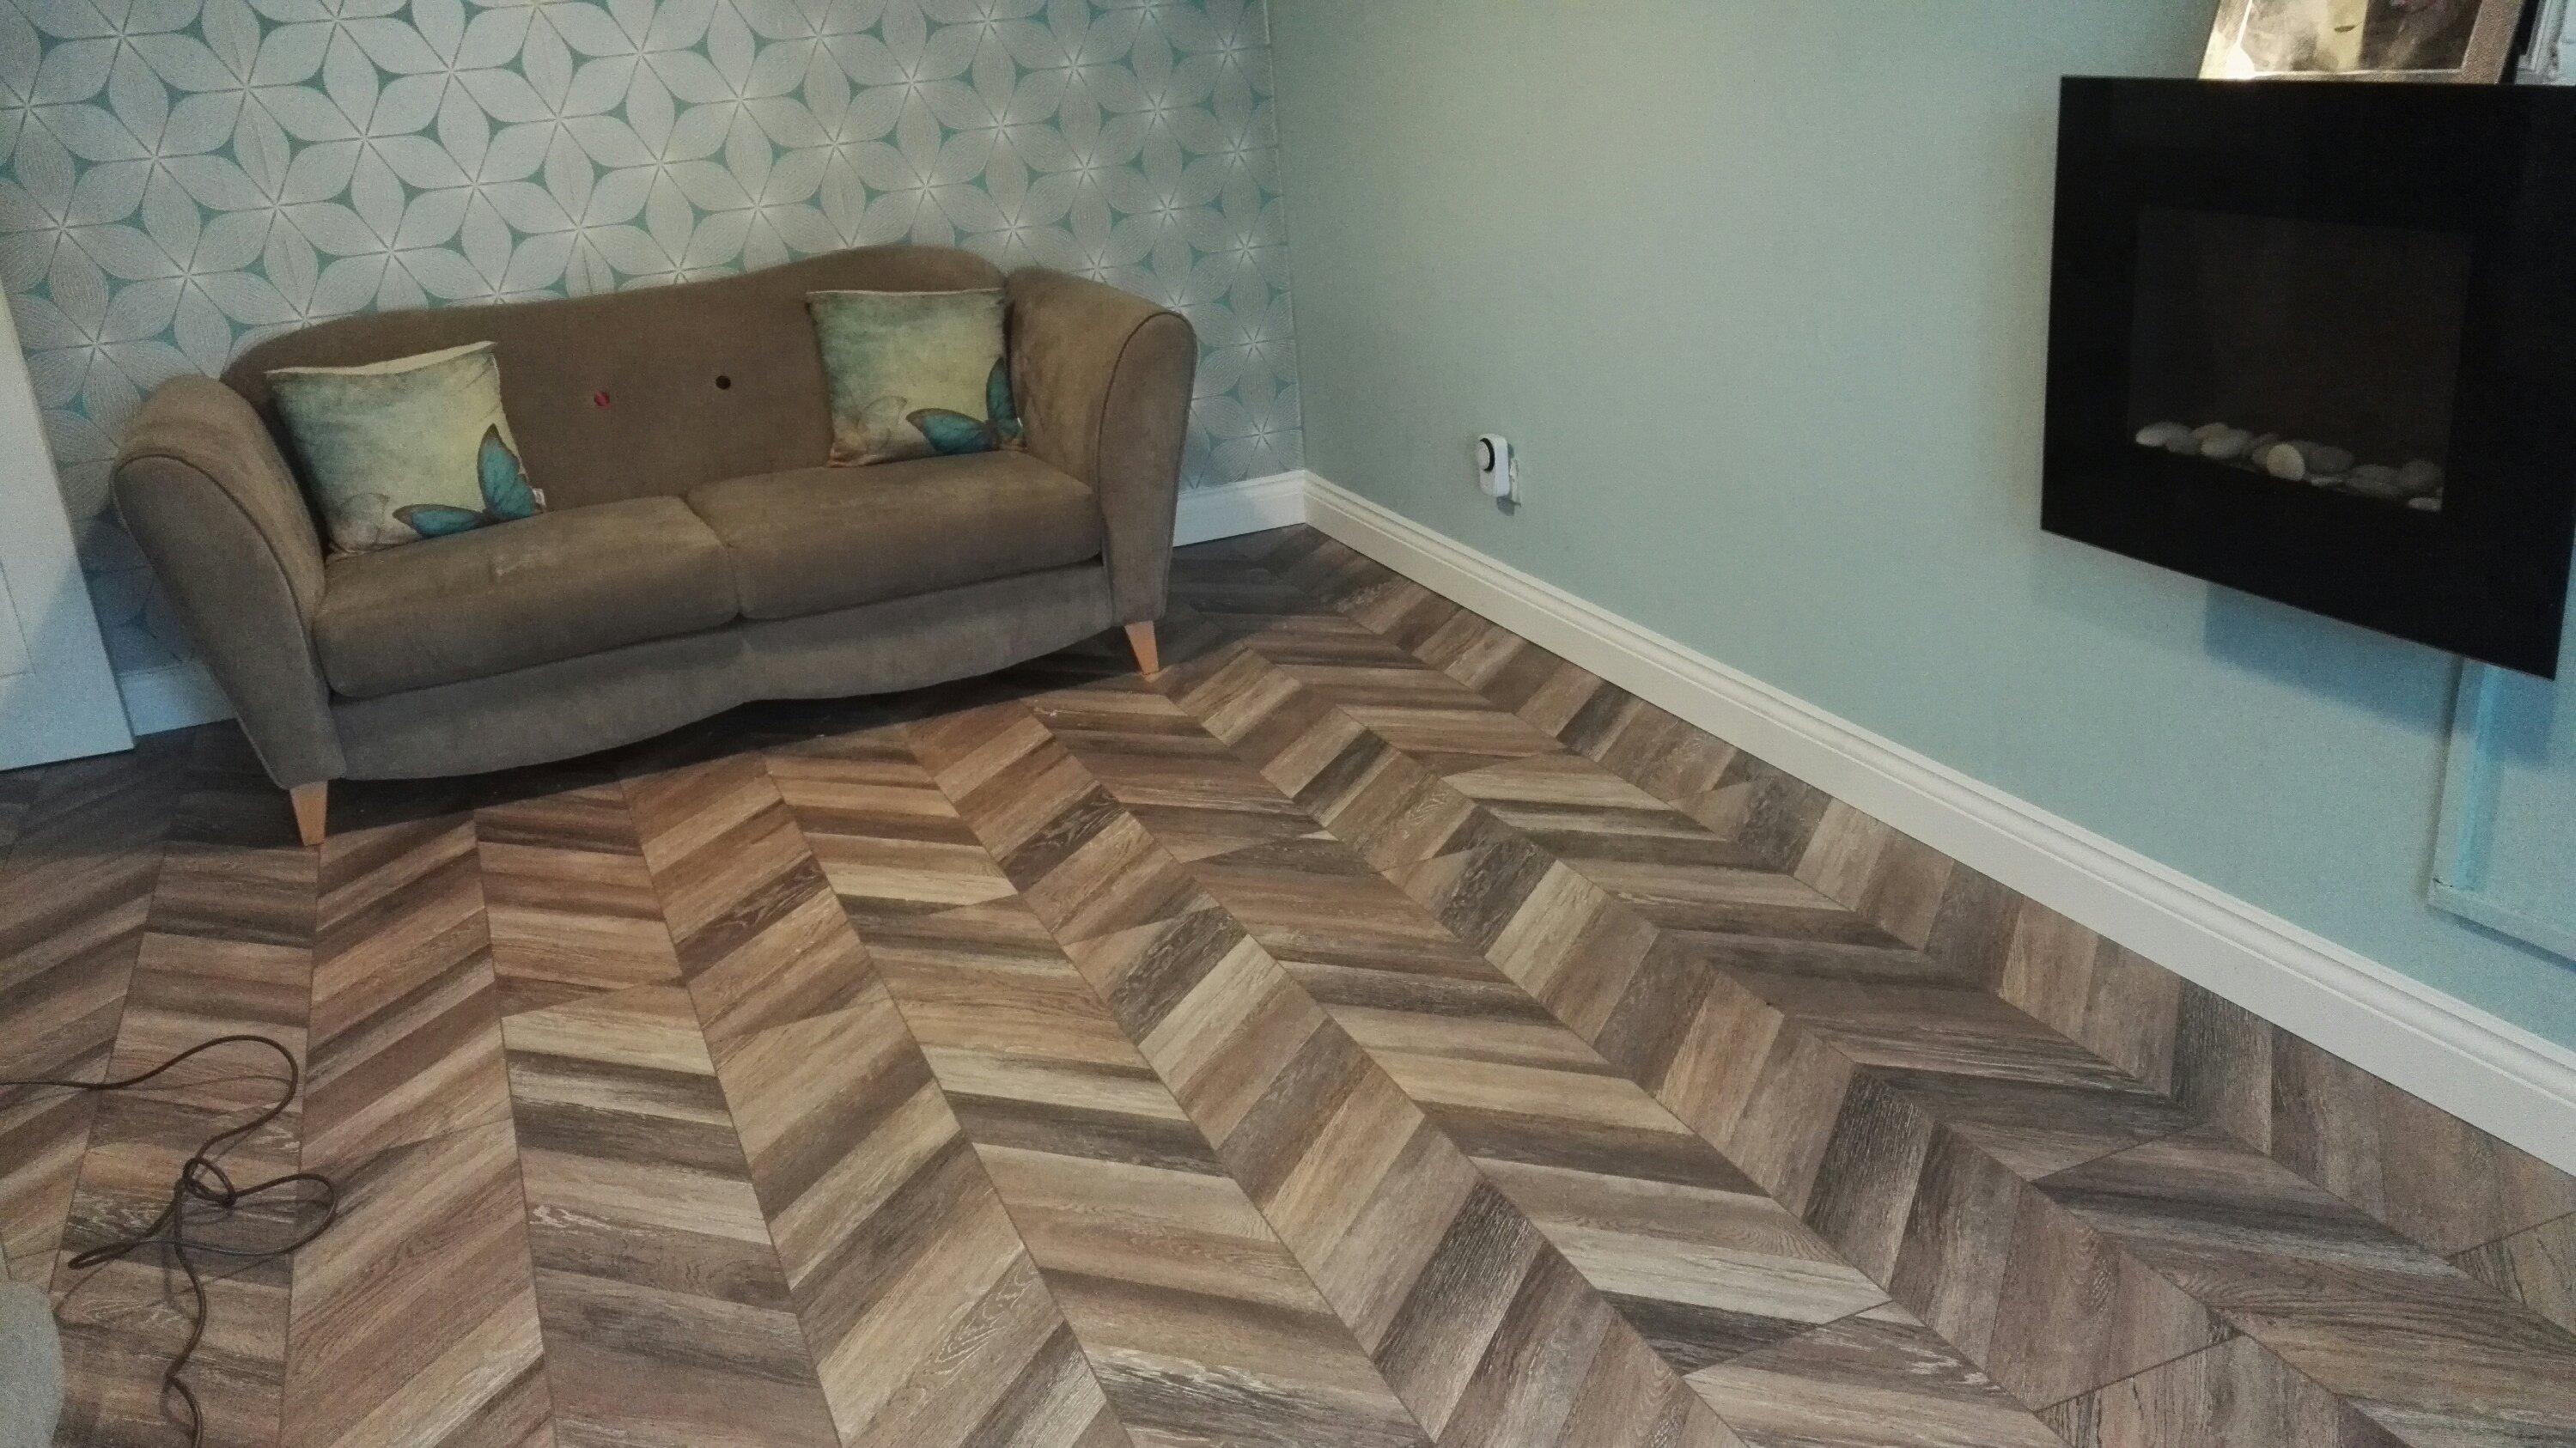 Laminate flooring laid